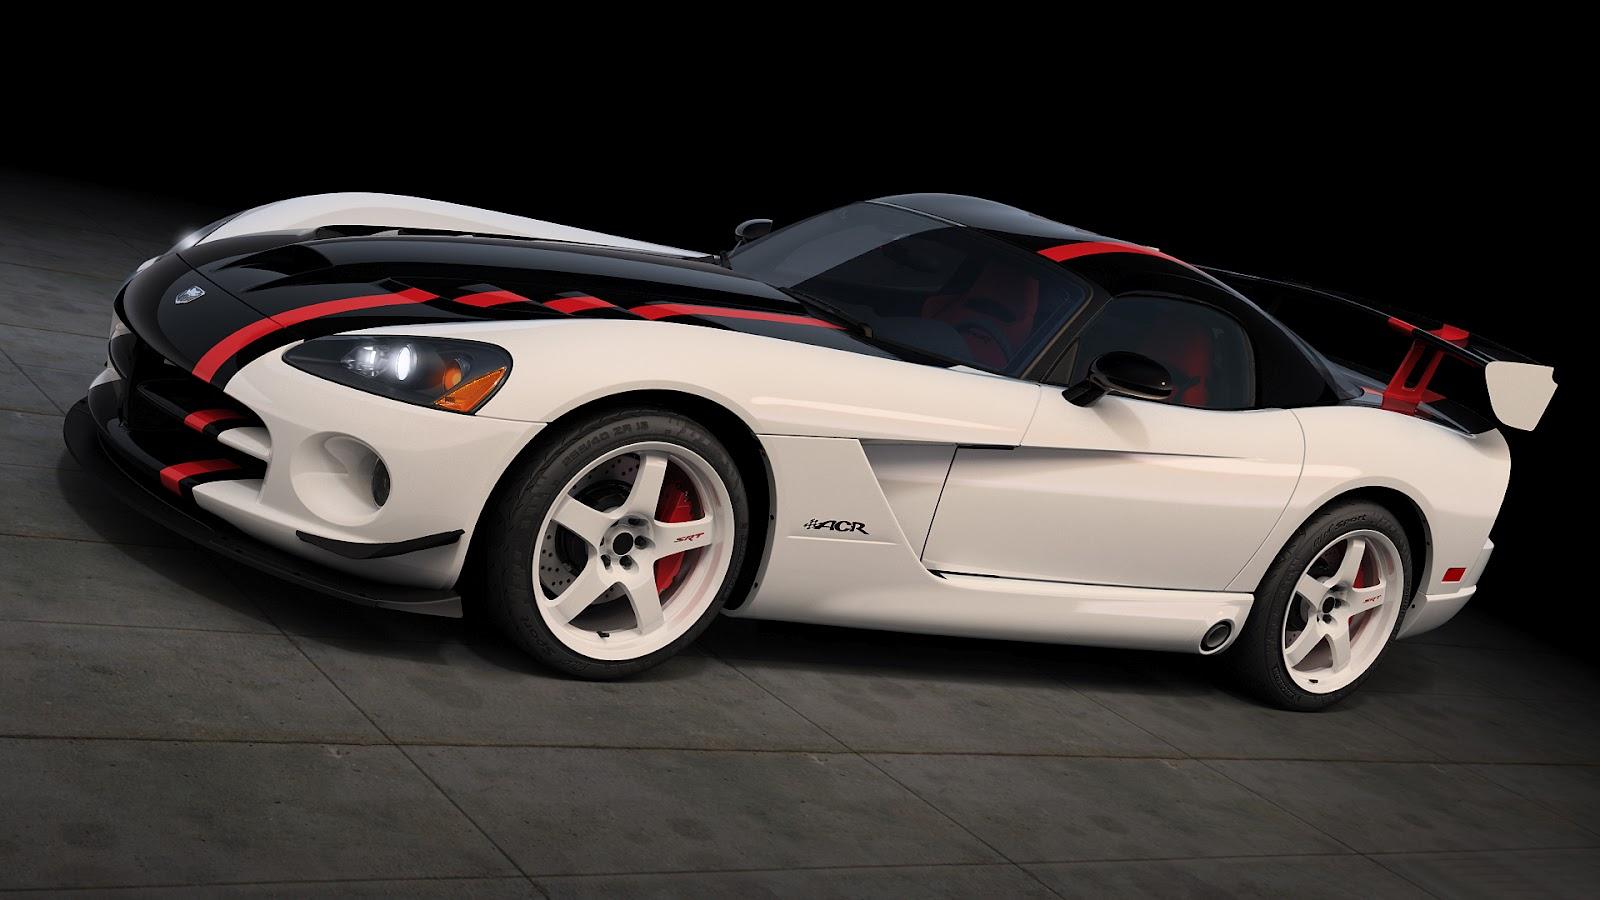 Fast 6 Cars Wallpapers Dodge Viper Srt 10 Acr 02 Fondos De Pantalla Hd